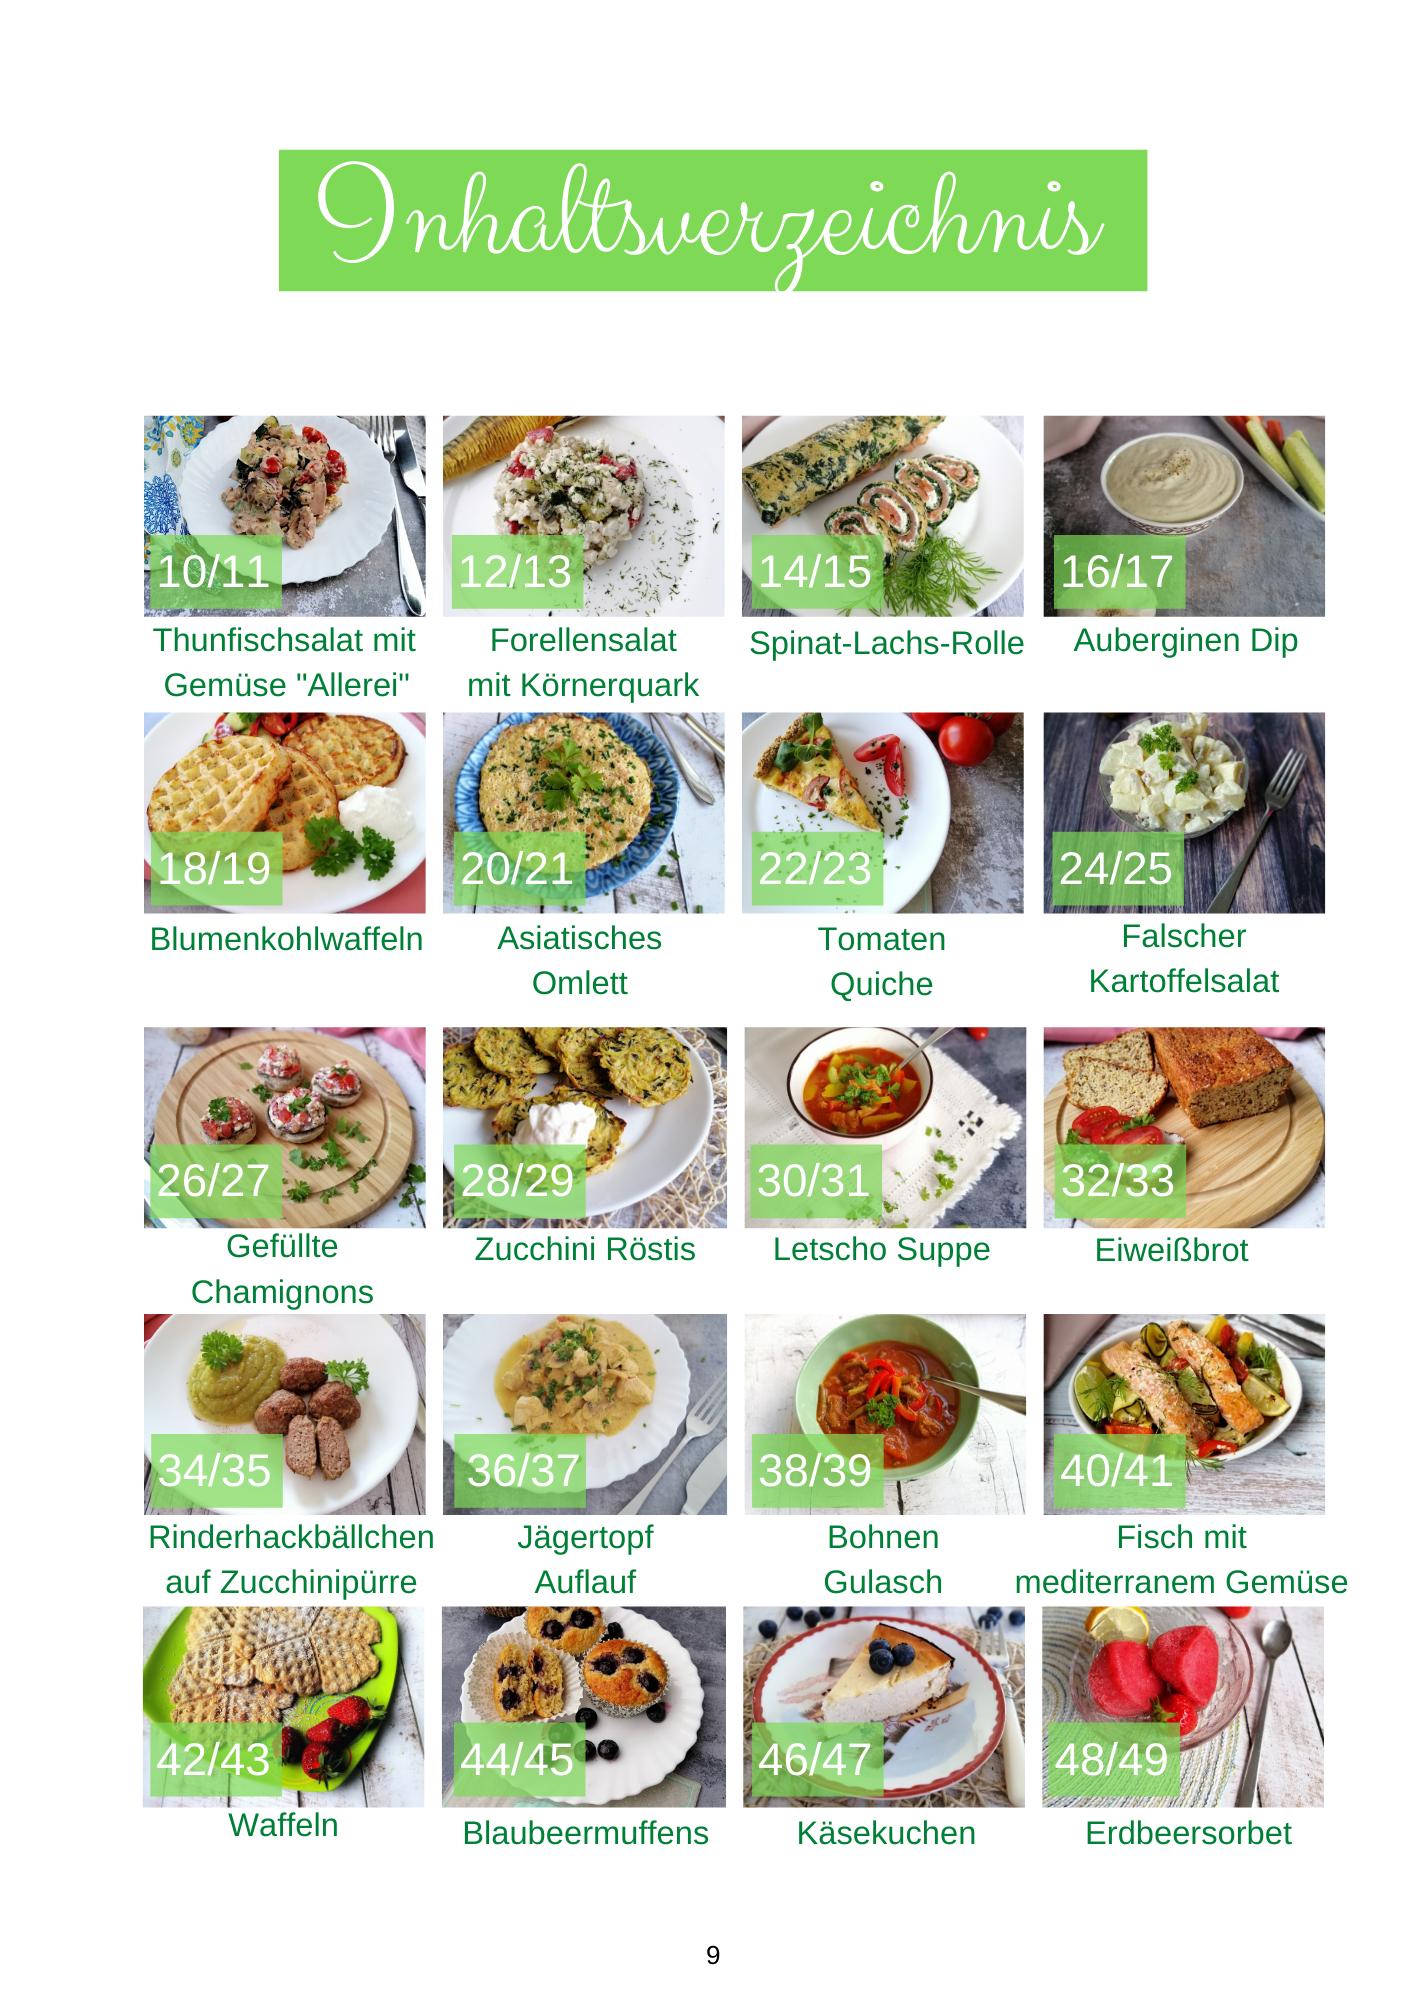 Julkakocht: 20 schnelle und leckere Stoffwechselkur Rezepte by Julia Stumpf